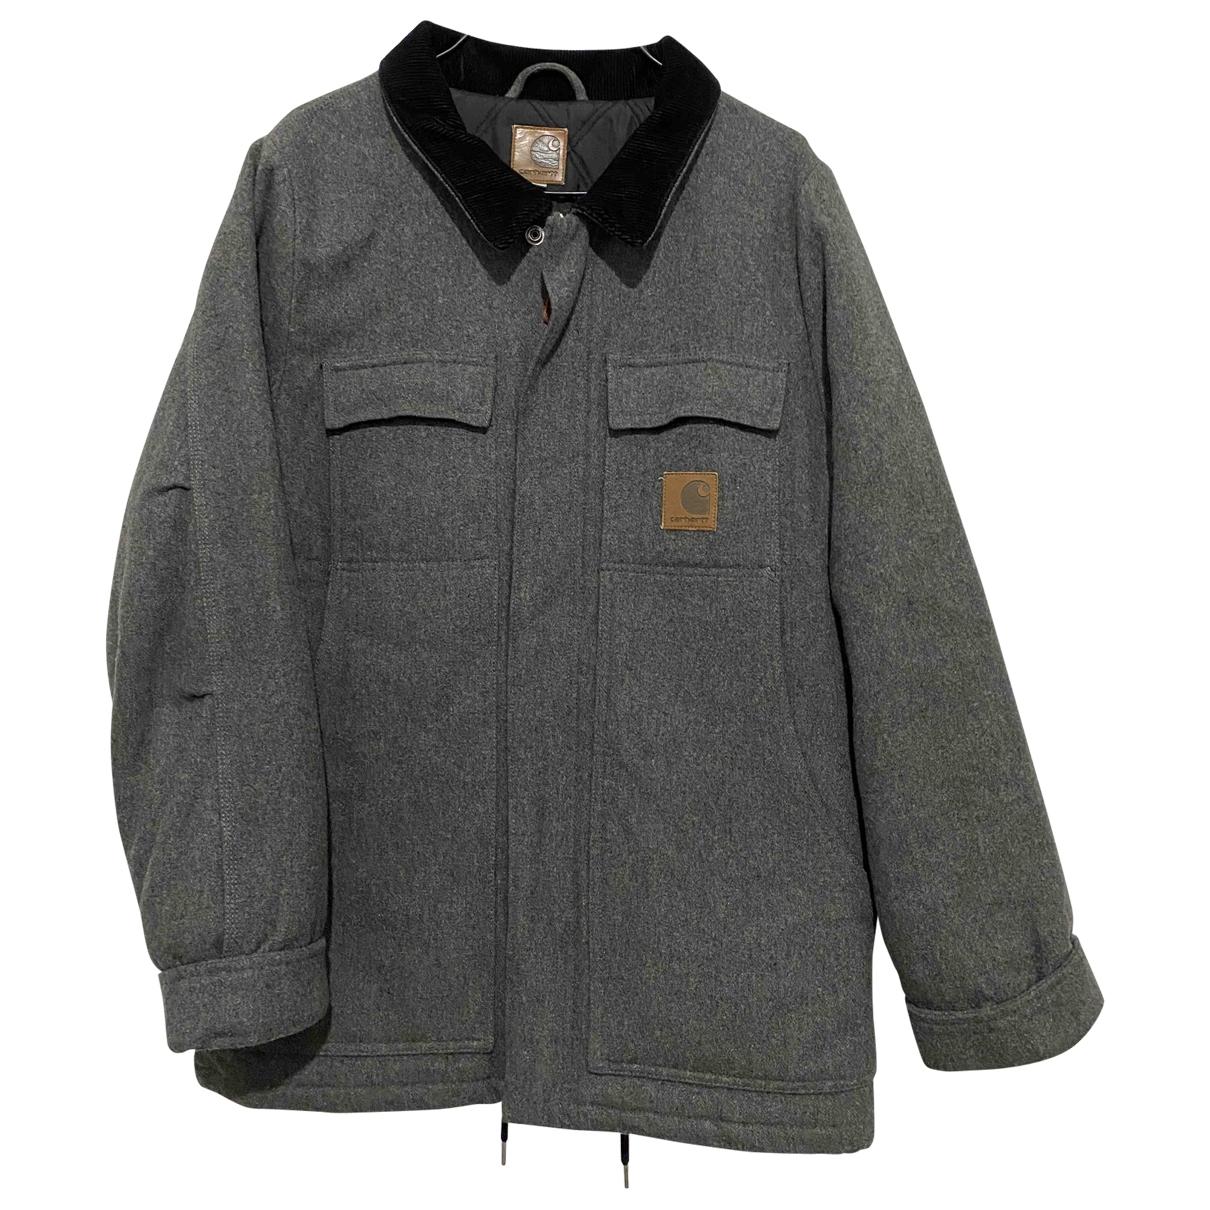 Carhartt - Vestes.Blousons   pour homme en laine - gris